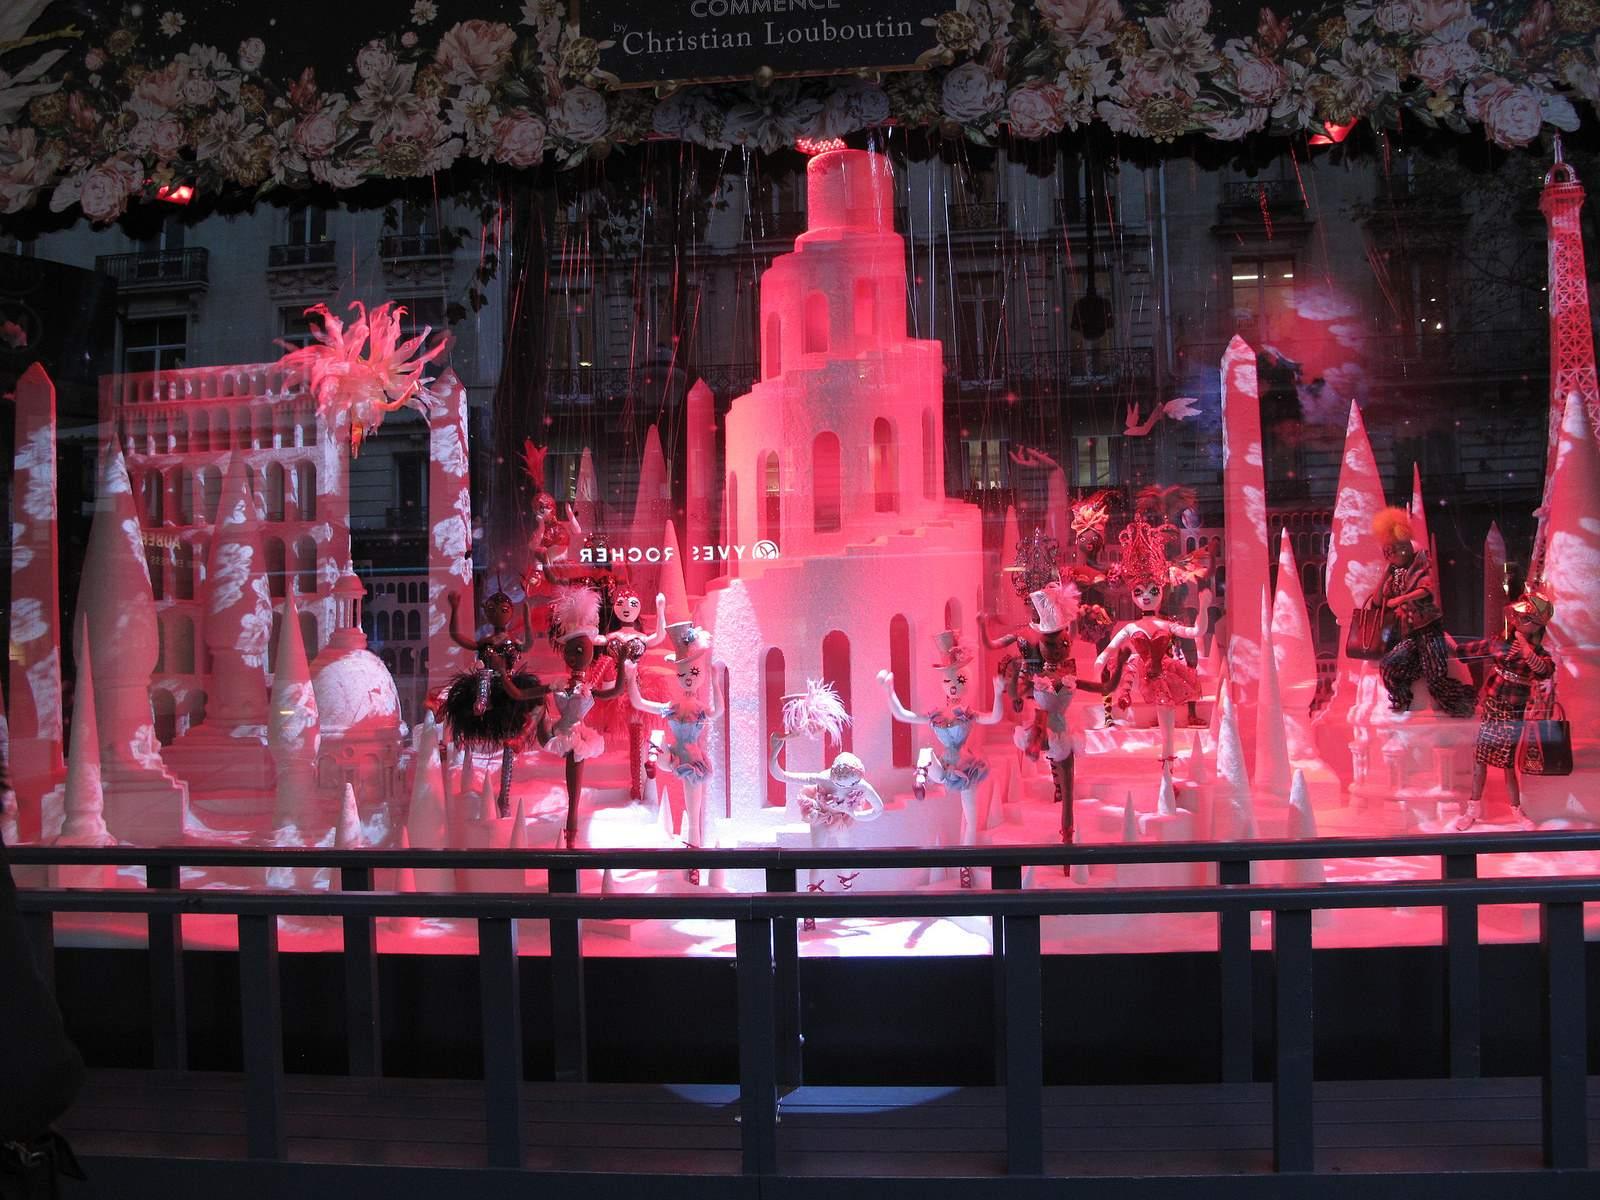 vitrines noel3 Christmas window displays in Paris